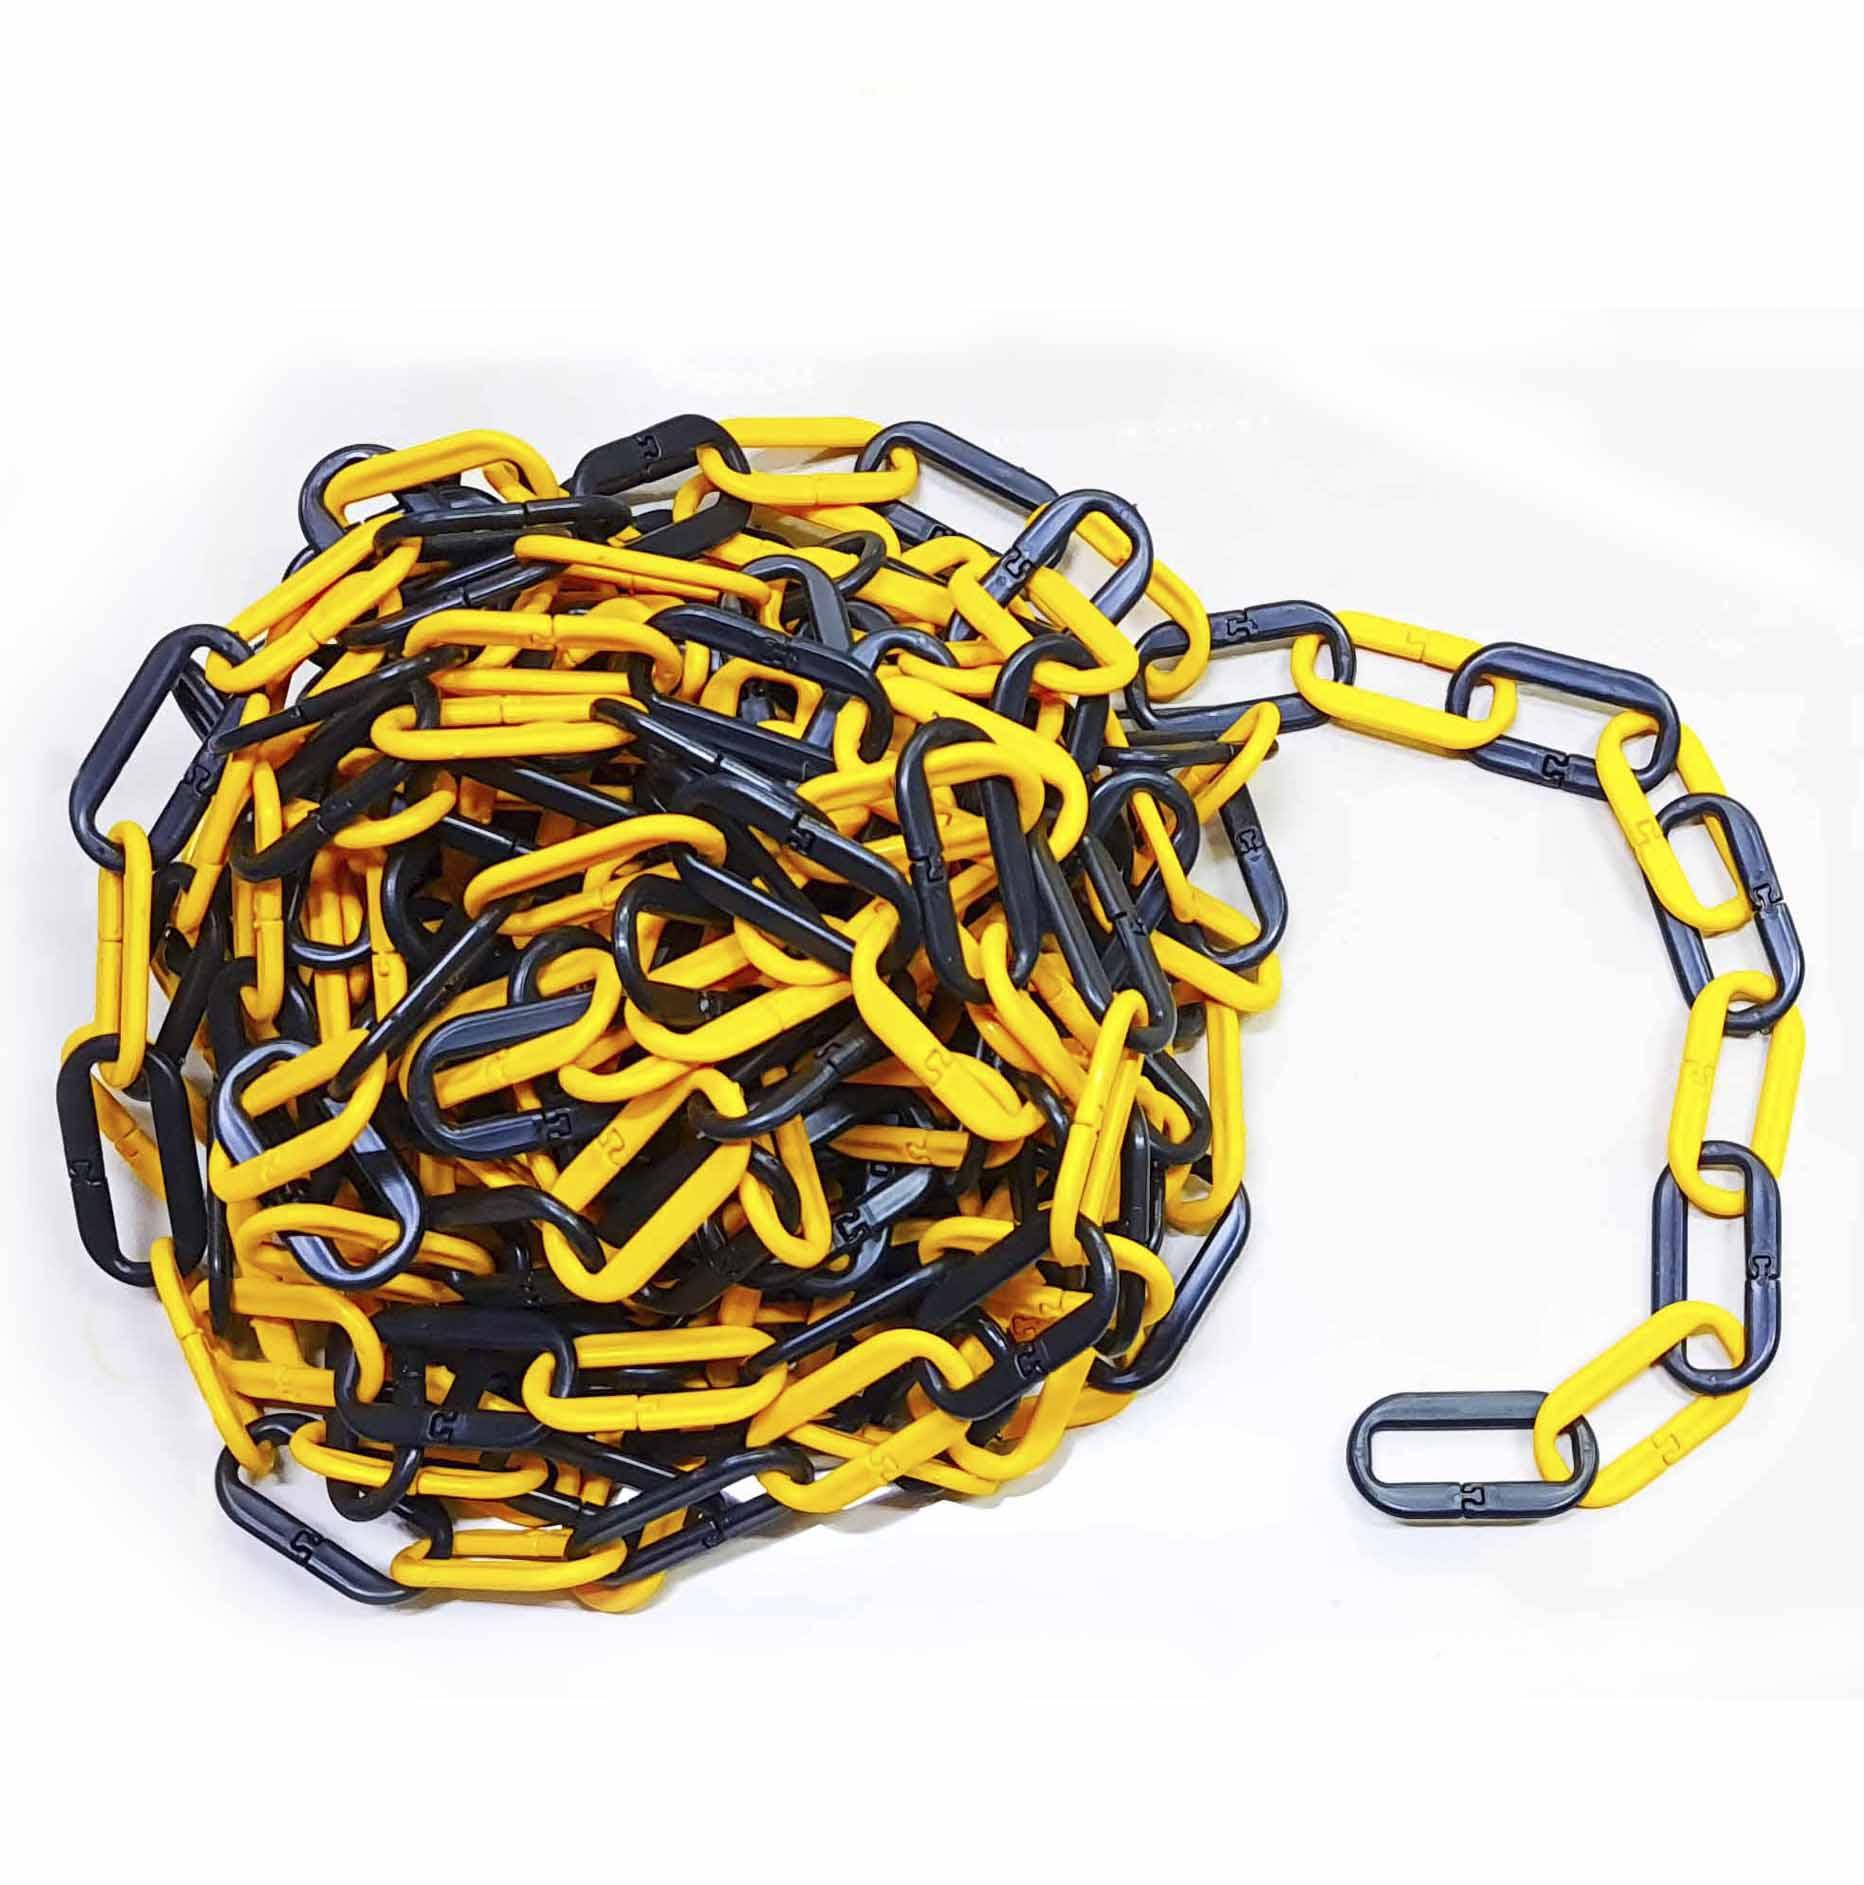 Cadena de plástico pvc color amarillo / negro